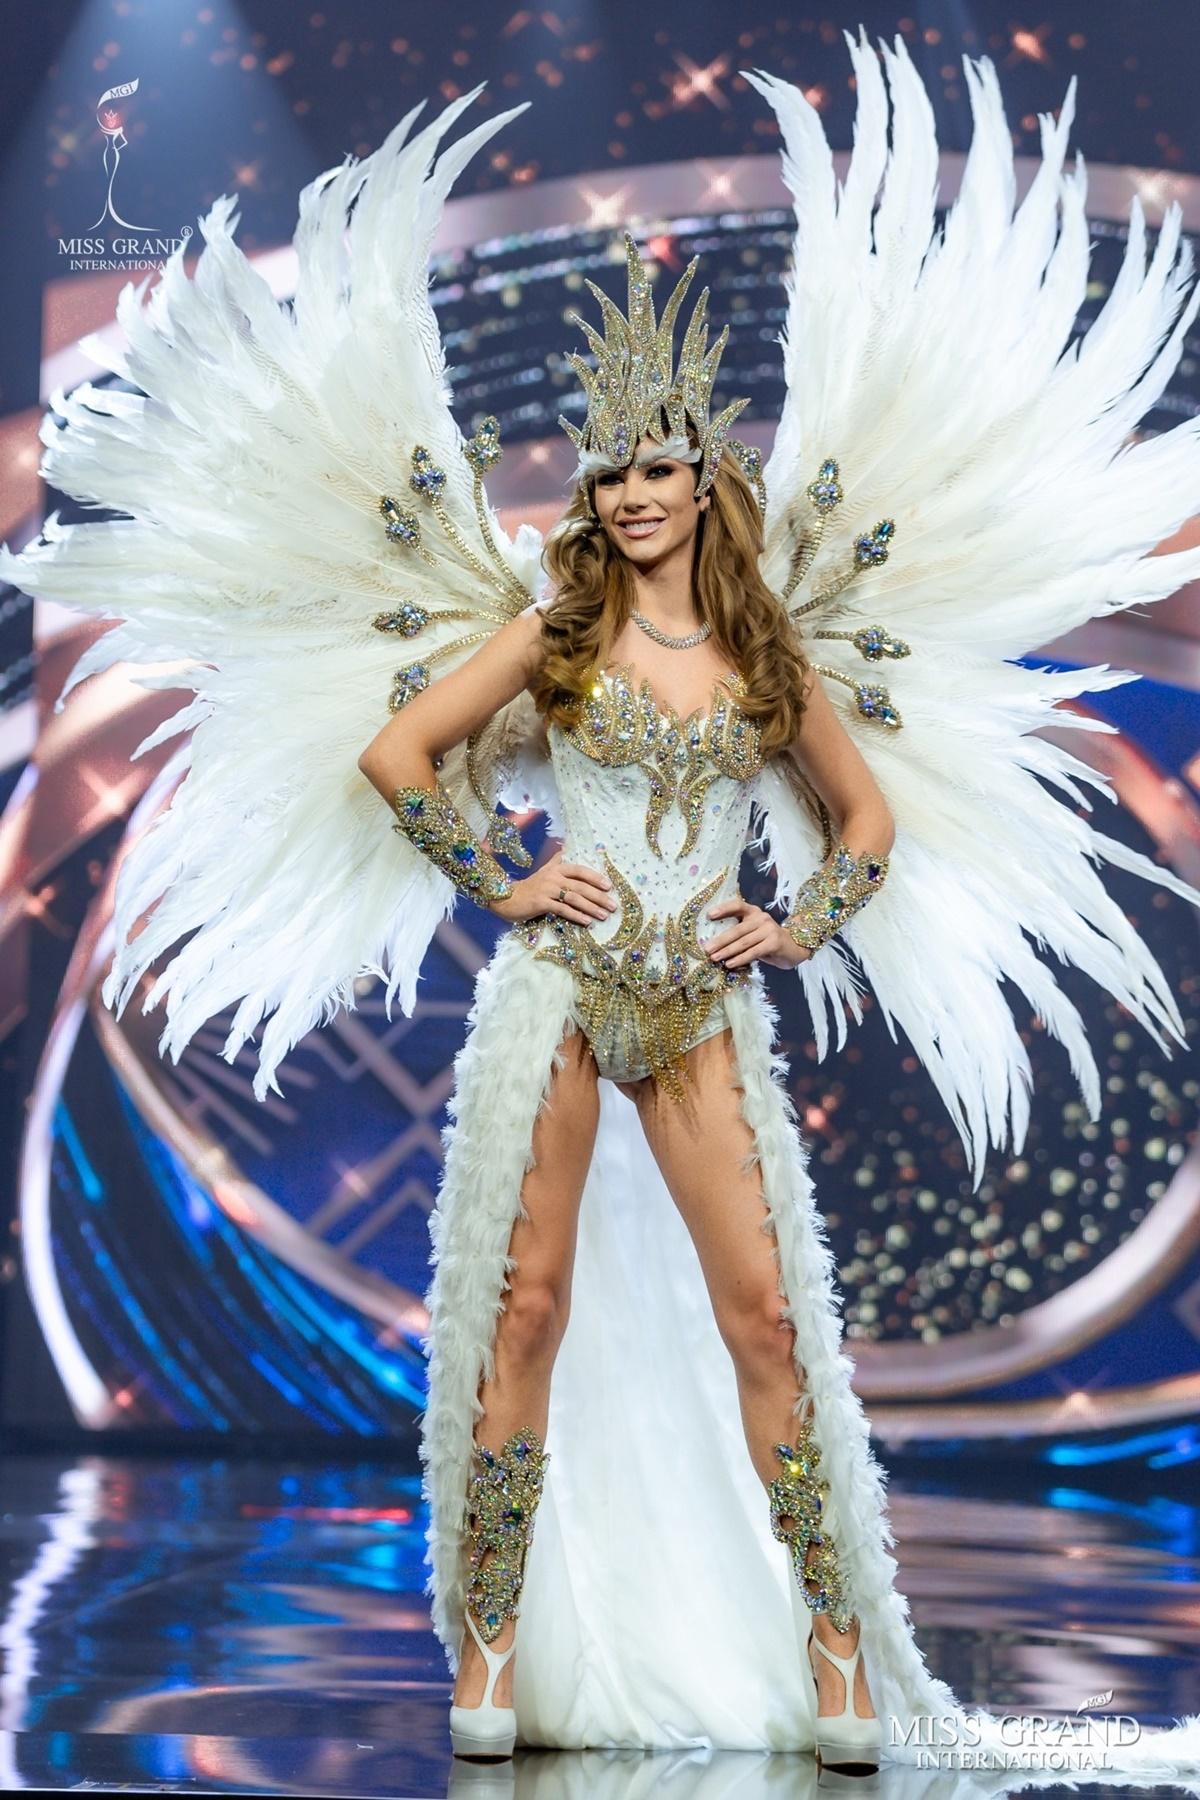 Hơn 60 thí sinh Hoa hậu Hòa bình Quốc tế 2020 thi trang phục dân tộc ở trong một hội trường ở Bangkok, tối 24/3. Các người đẹp trình diễn theo thứ tự alphabet tên quốc gia. Họ có 40 giây catwalk, pose dáng. Những bộ quốc phục với kiểu dáng sexy, độc đáo được ưa chuộng. Trong hình là trang phục dân tộc của thí sinh Argentina.